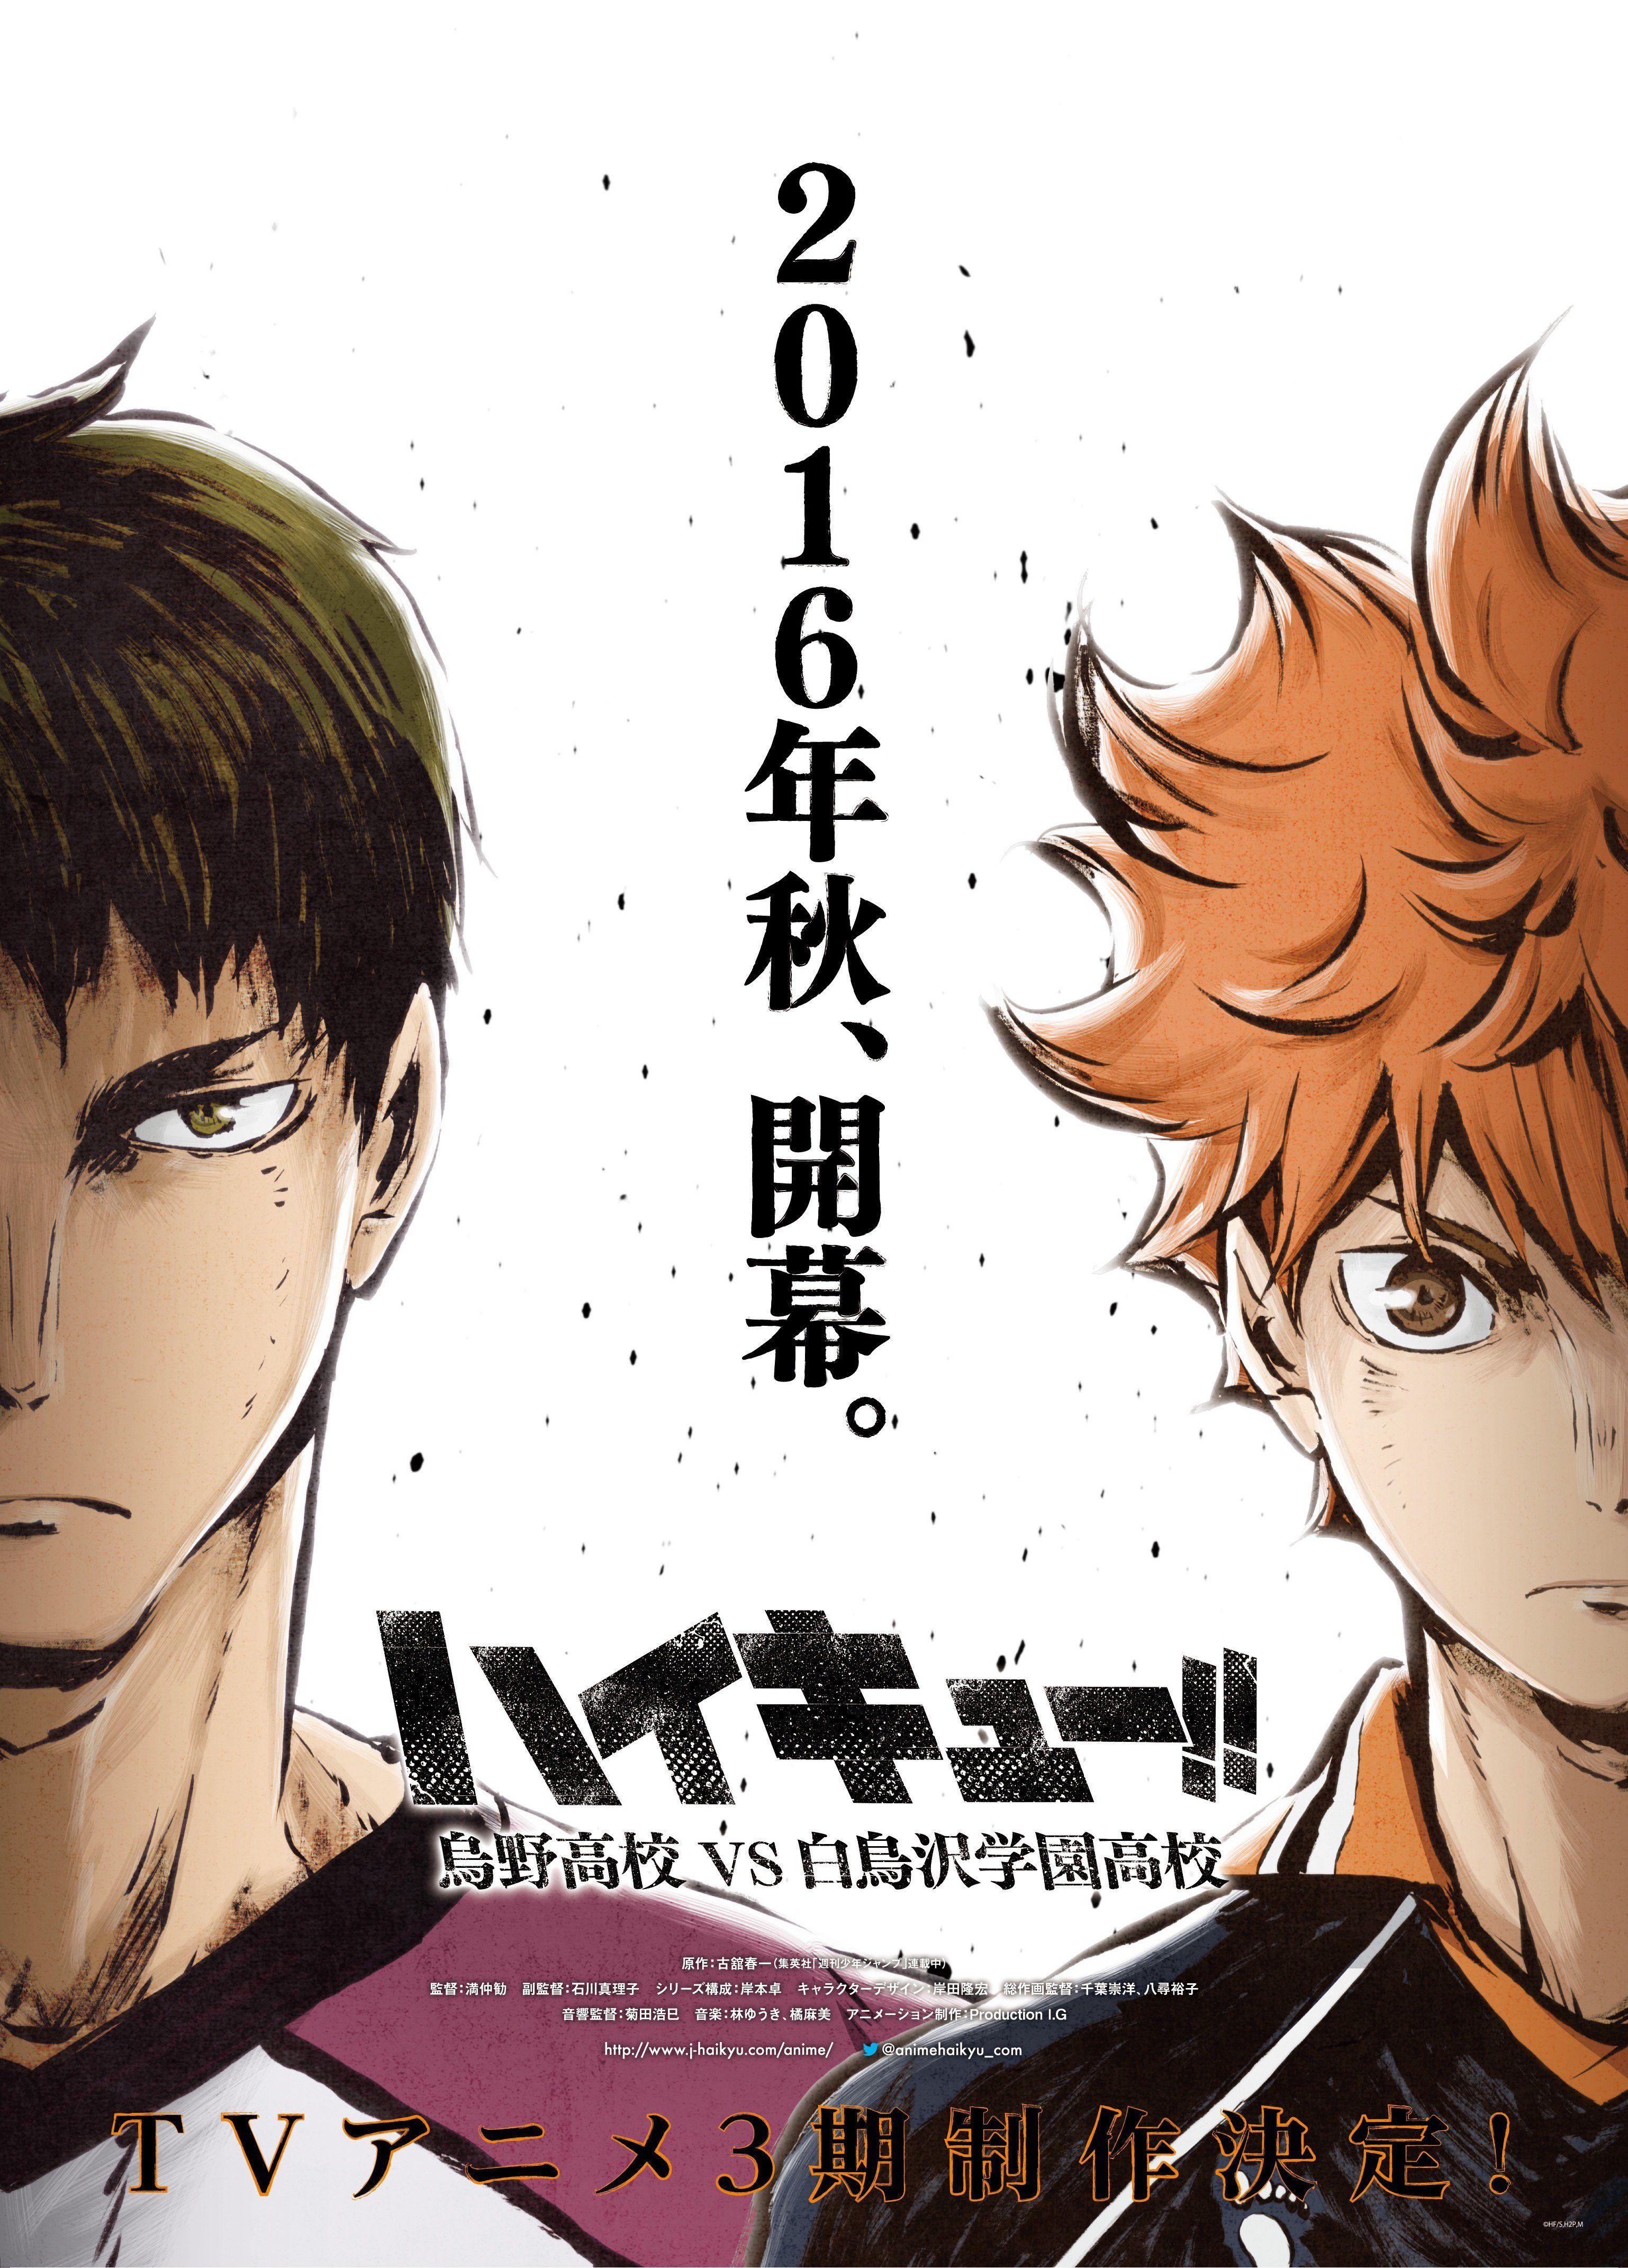 Haikyuu Season 3 Ep 10 Haikyuu Anime Anime Haikyuu